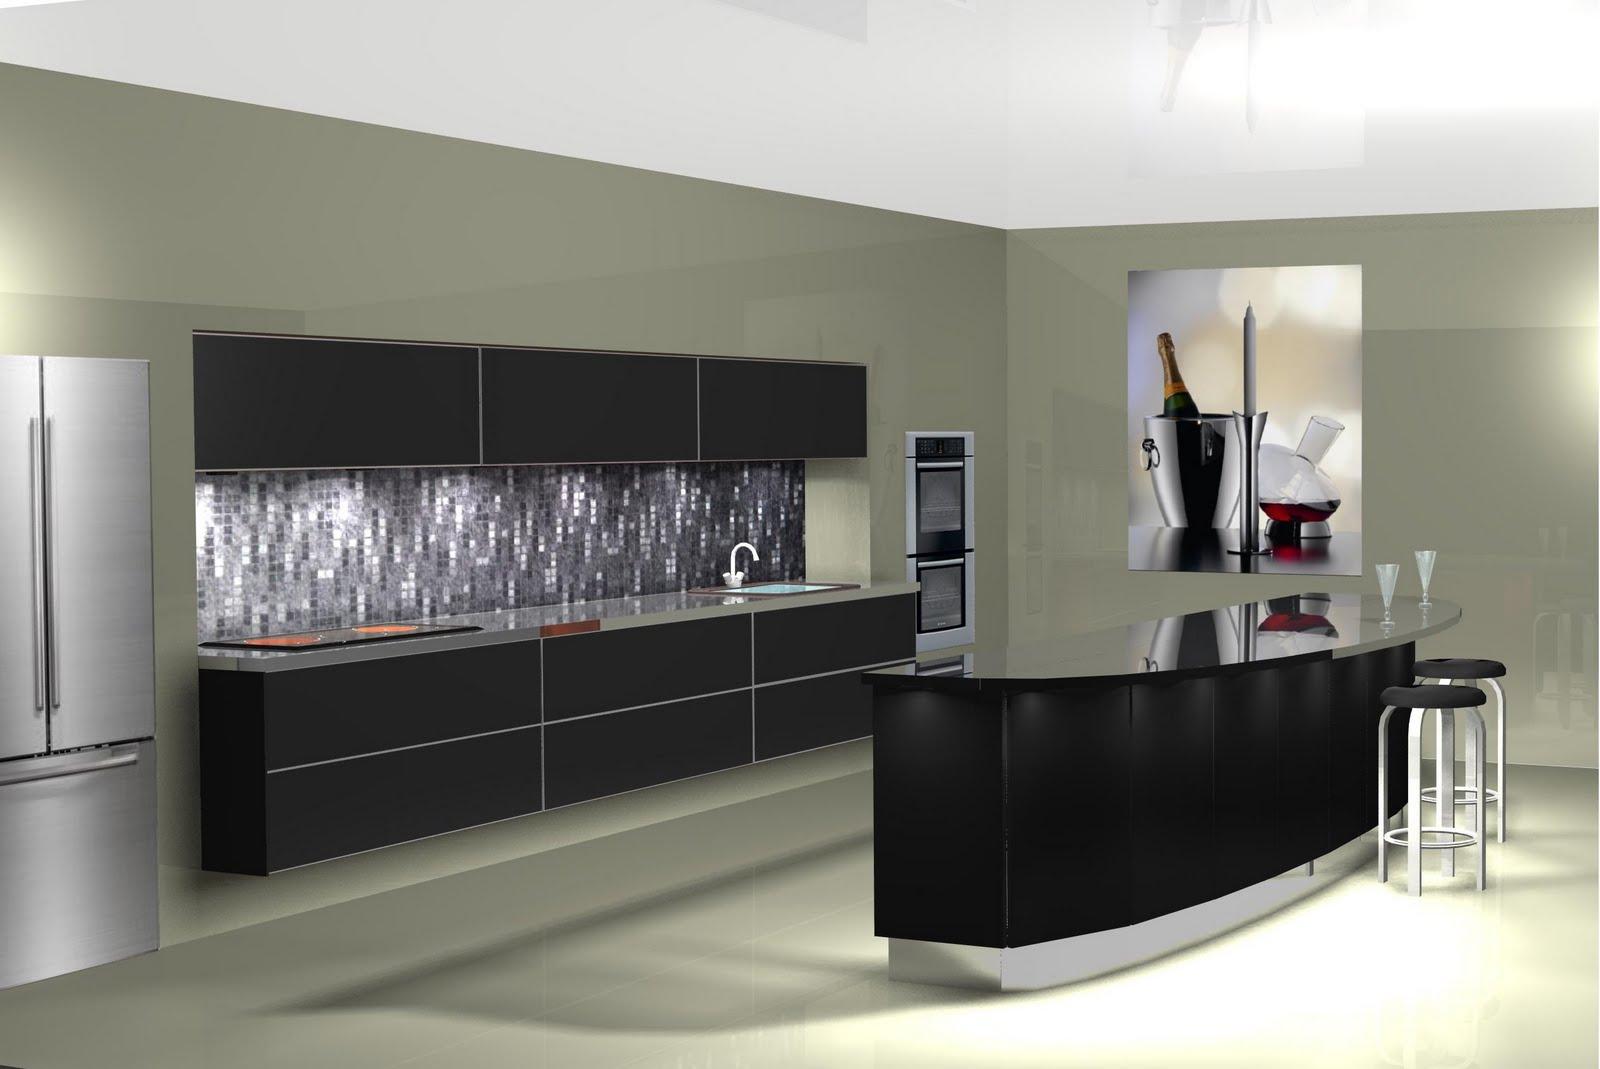 Dise o muebles de cocina dise o de cocina con barra de - Muebles de cafeteria ...